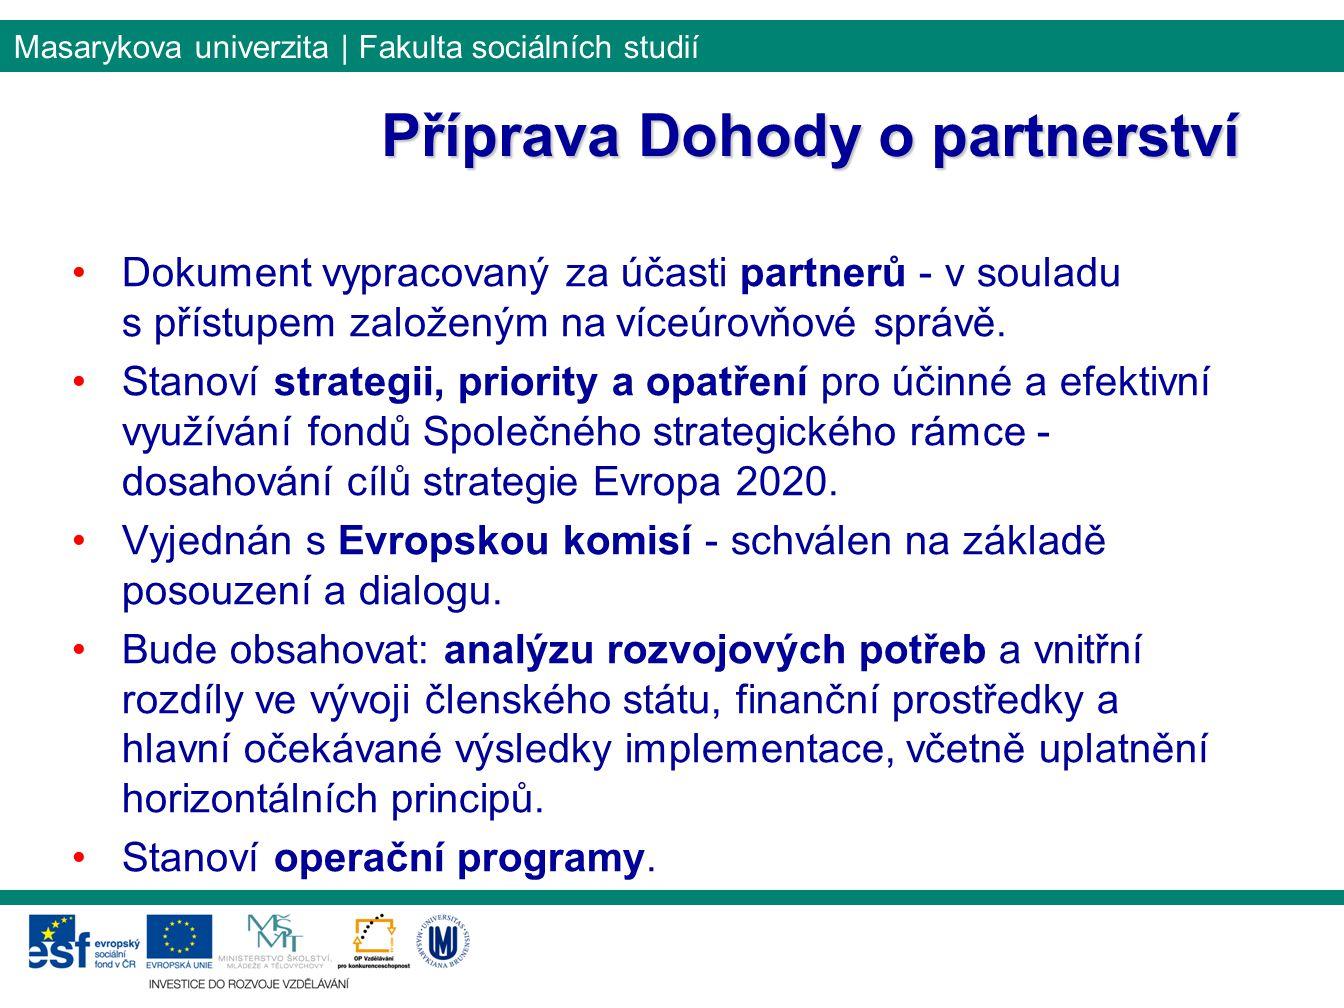 Masarykova univerzita | Fakulta sociálních studií Dokument vypracovaný za účasti partnerů - v souladu s přístupem založeným na víceúrovňové správě.